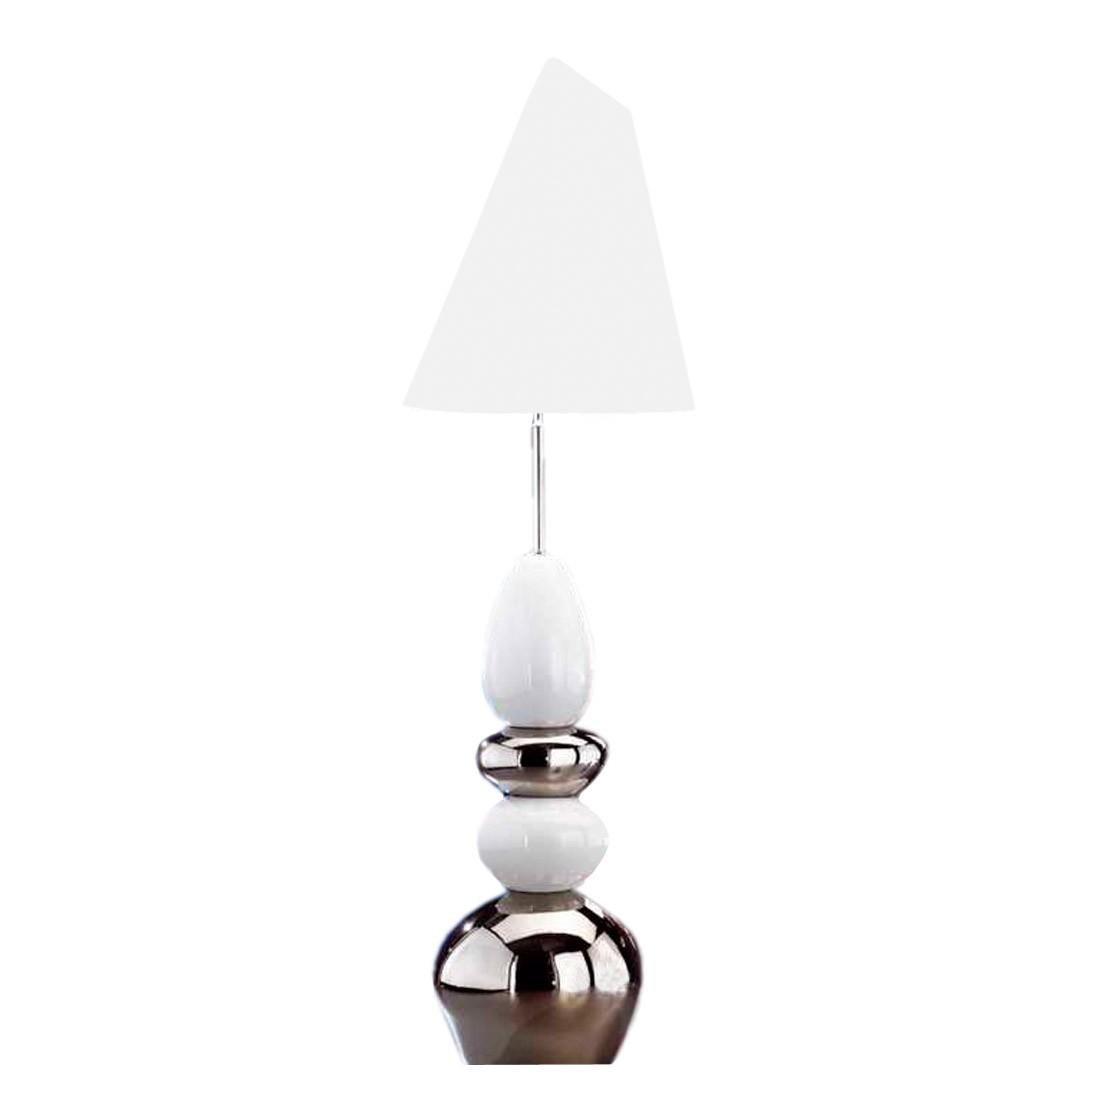 EEK A++, Tischleuchte Stone - Weiß/Silberfarbig, Honsel